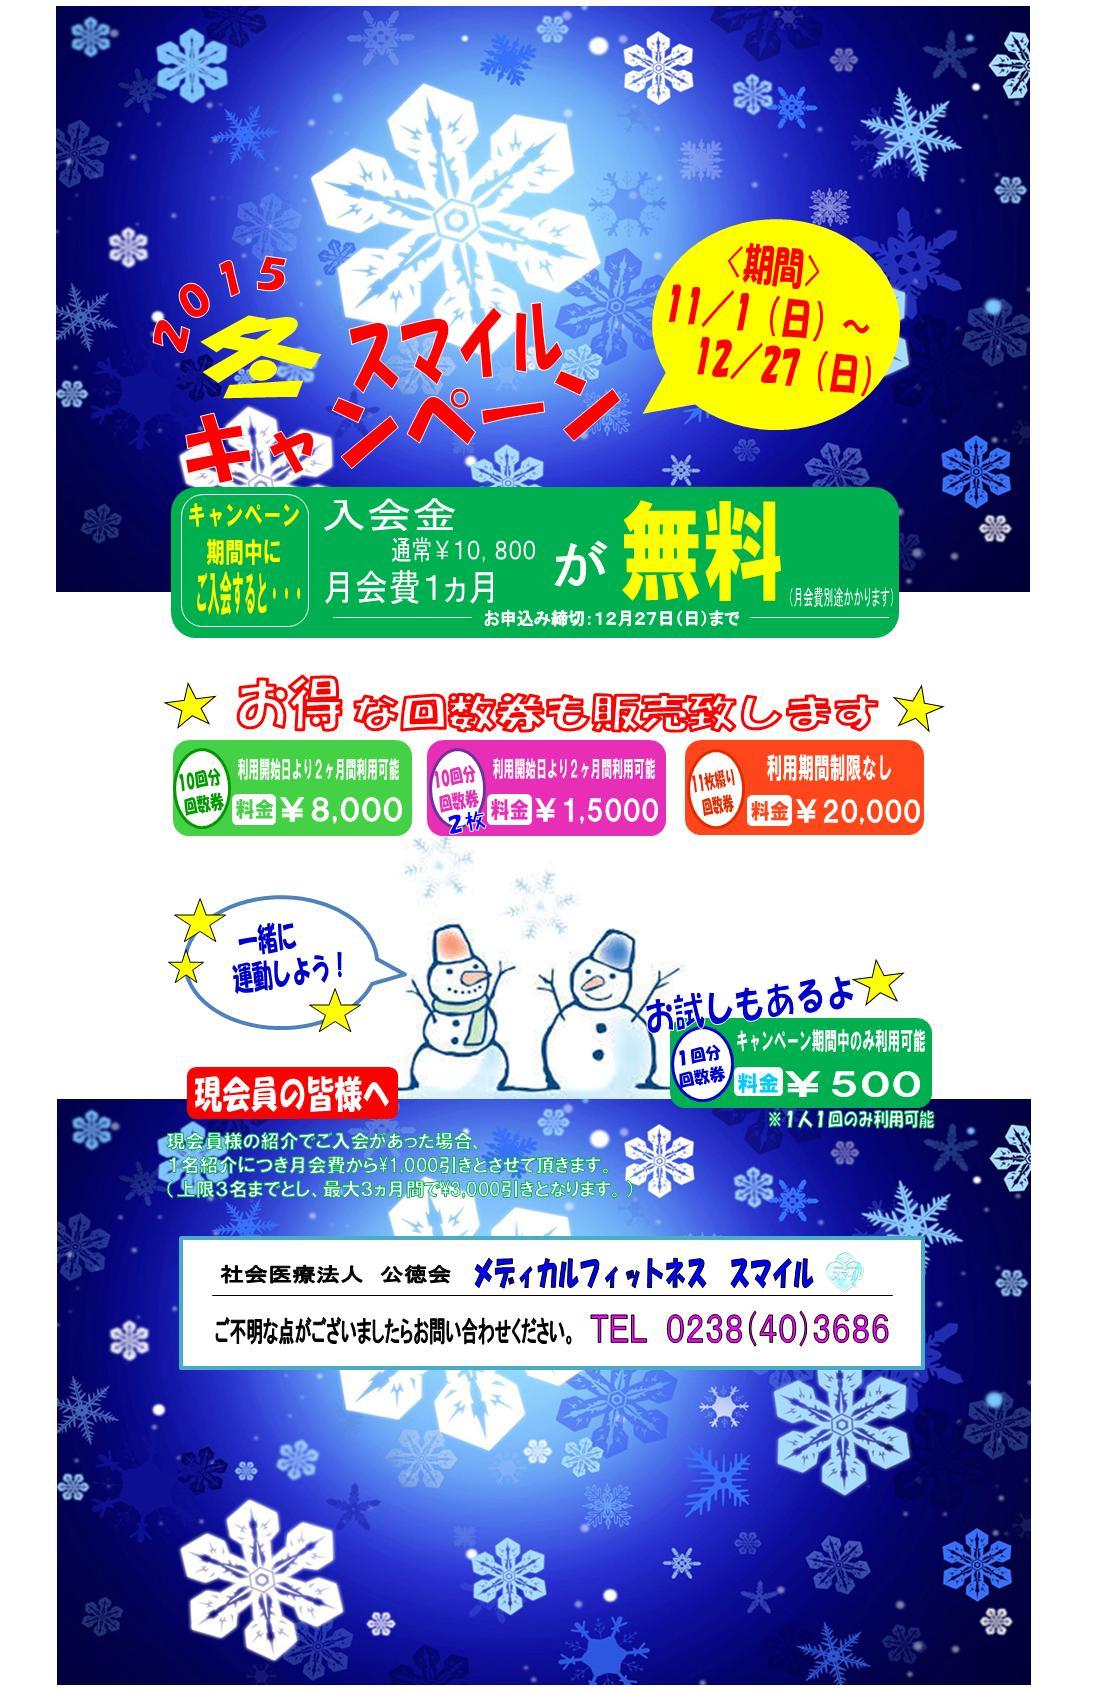 (20151104)スマイル入会キャンペーン